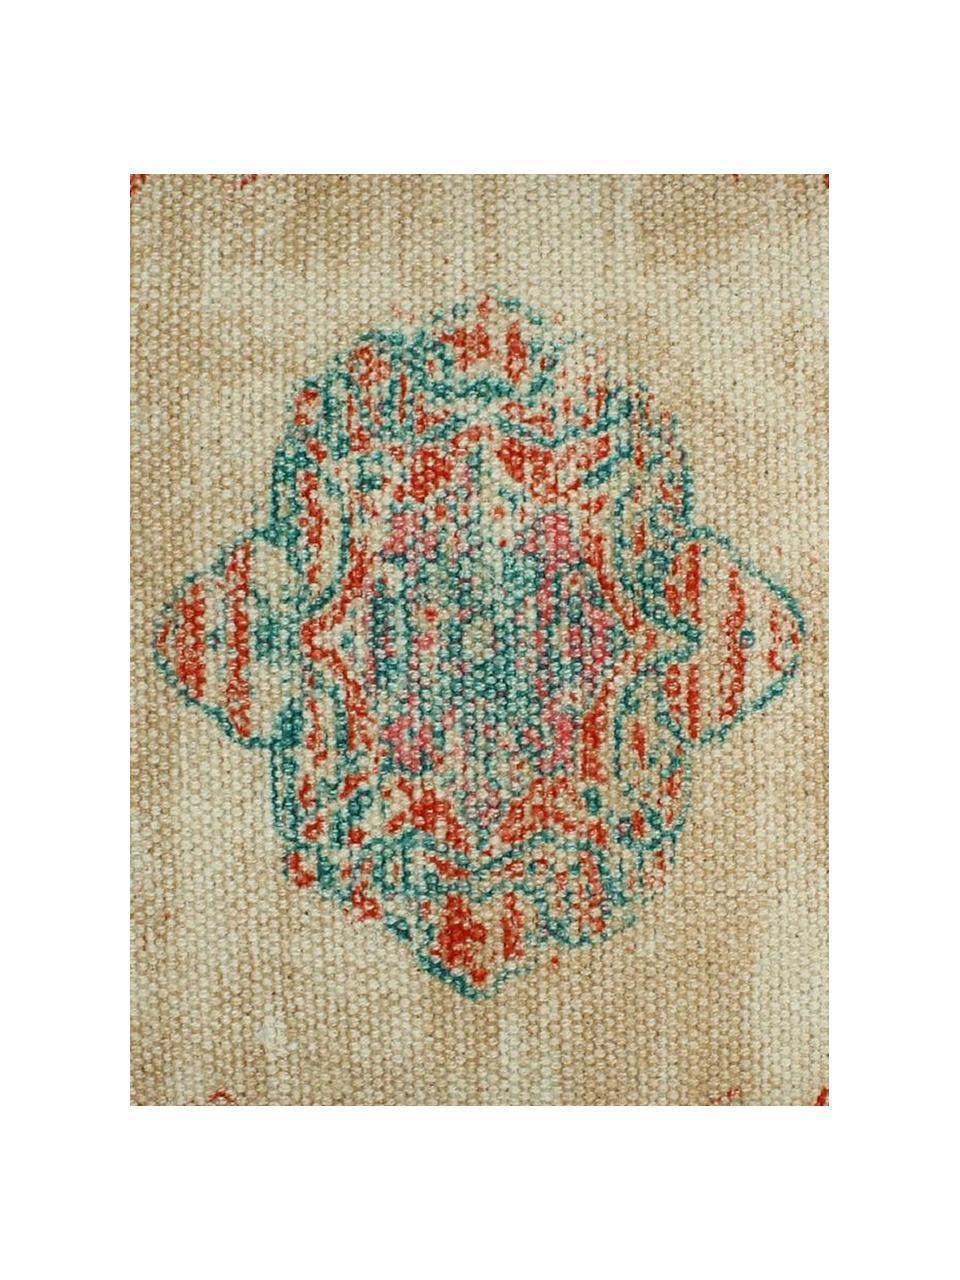 Poduszka z chwostami i wypełnieniem Latina, Beżowy, wielobarwny, S 45 x D 45 cm